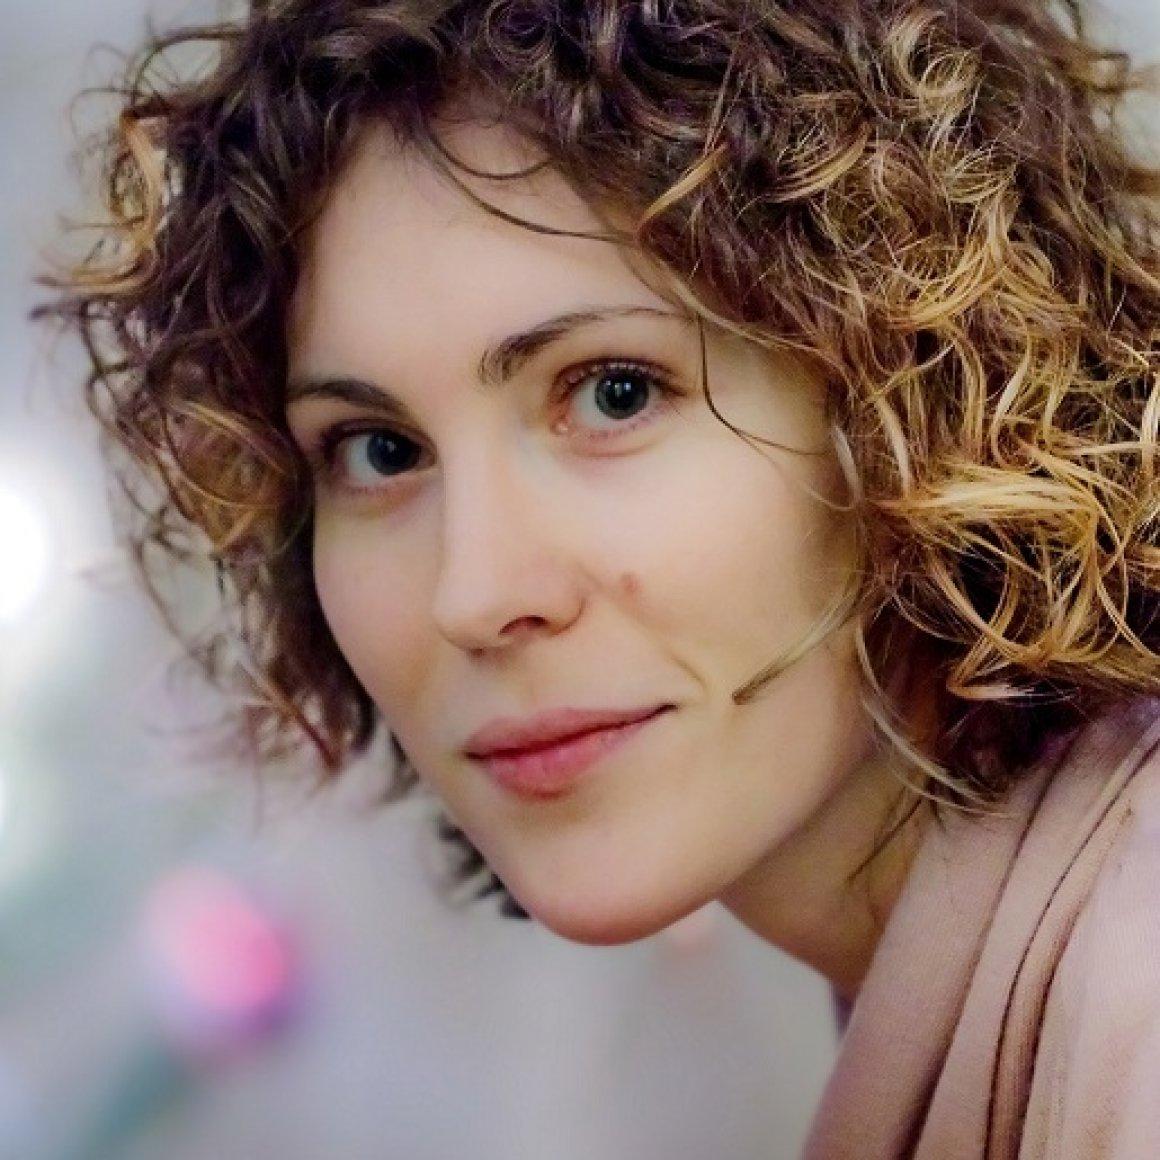 Melinda Halasz